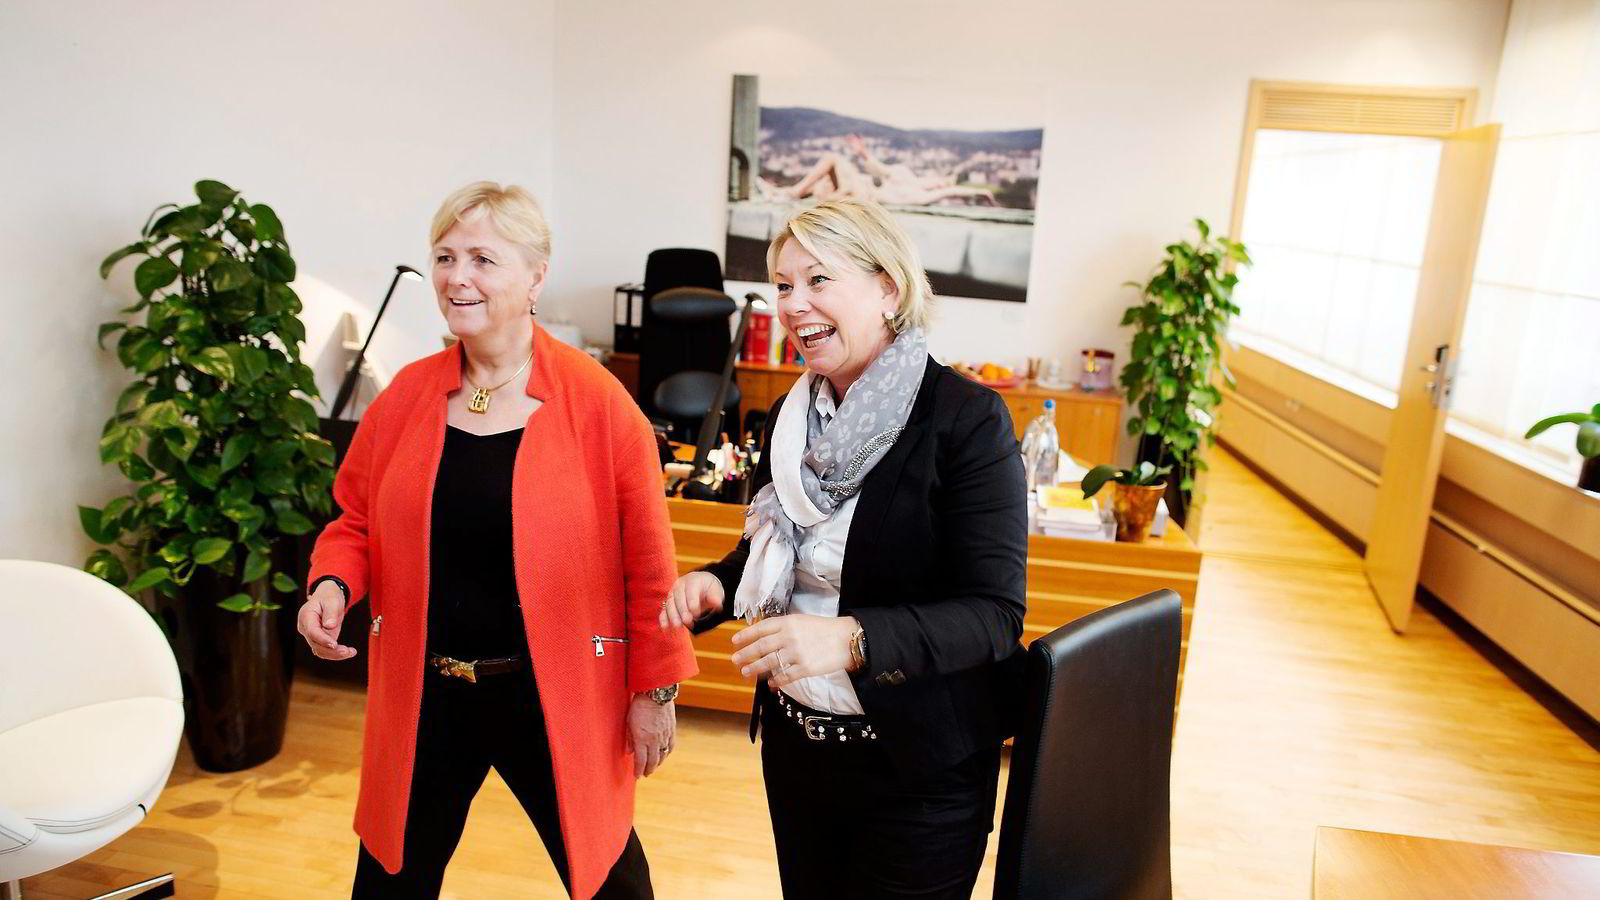 Venninner eller bekjente? Næringsminister Monica Mæland og tidligere kulturminister Thorhild Widvey. Foto: